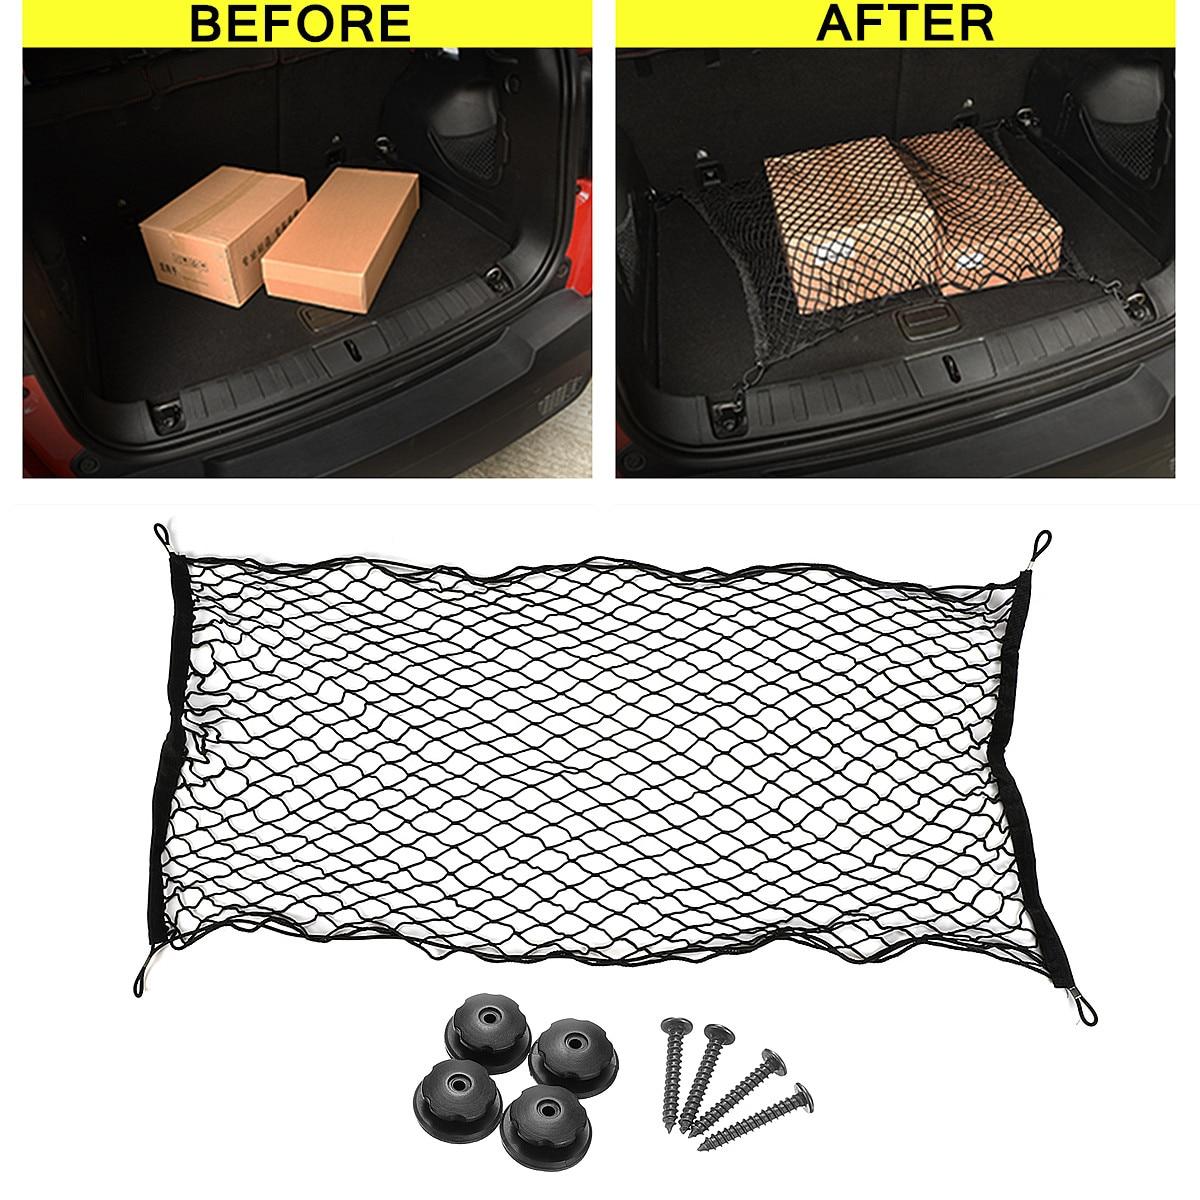 Auto Suv Achter Cargo Organizer Opslag Elastische Mesh Net Houder Bagage Vaste Sterke Stretch Grote Slijtvastheid Zwart Nylon Verkwikkende Bloedcirculatie En Stoppen Van Pijn